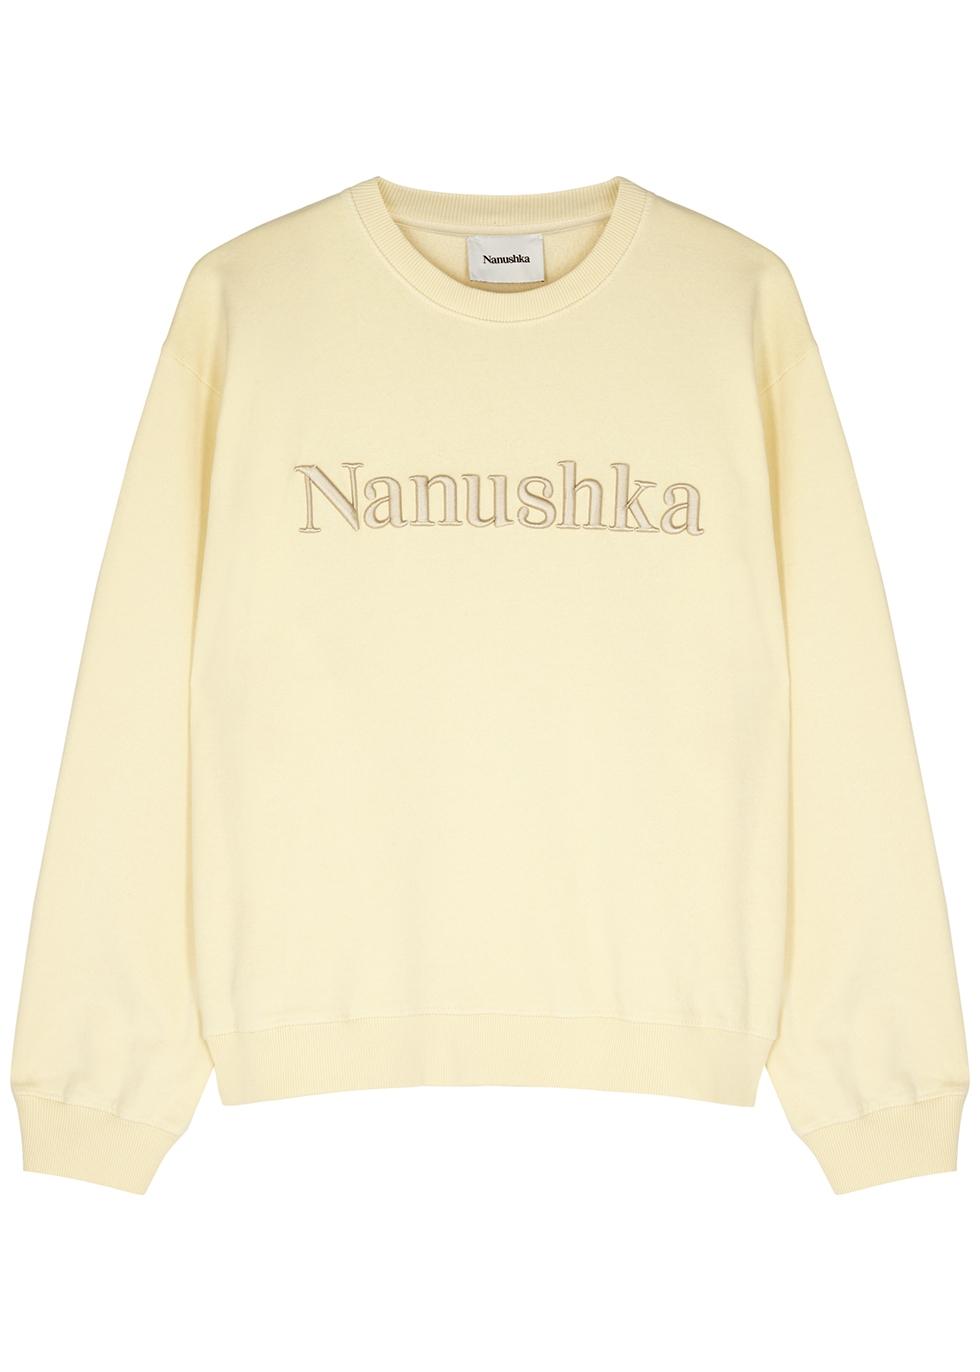 Remy cream cotton sweatshirt